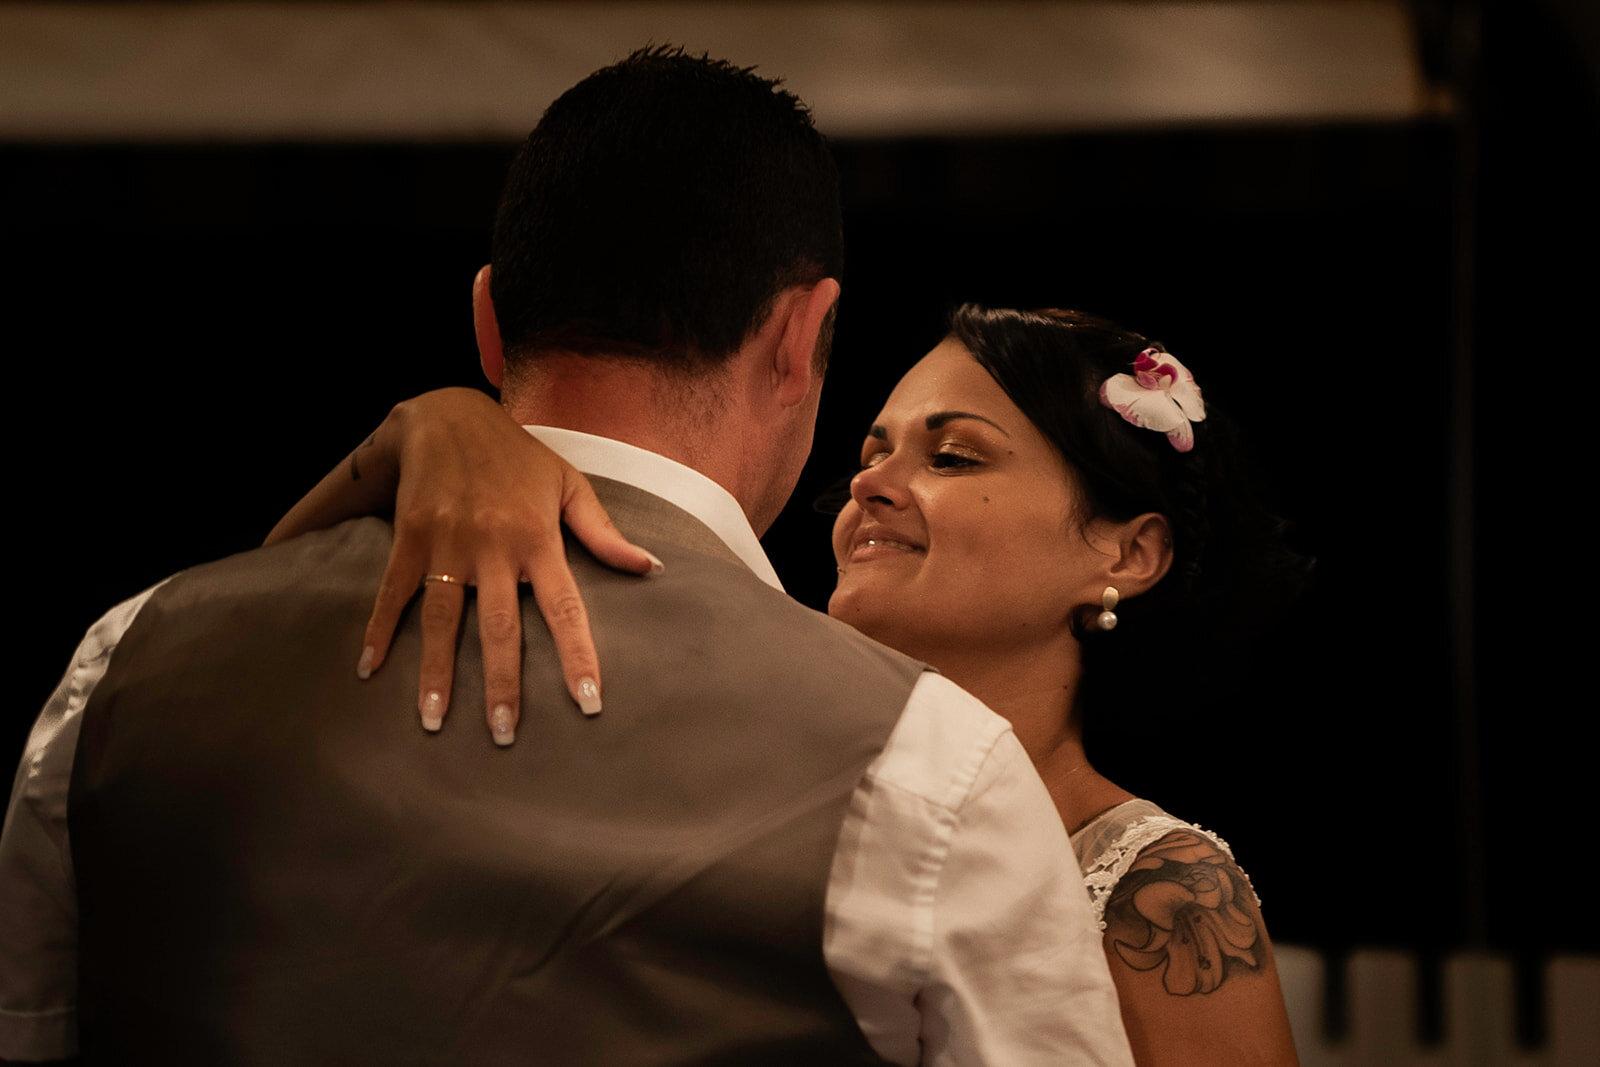 Organisation renouvellement des voeux A et S _ MRevenement wedding planner à la Réunion (13).jpg